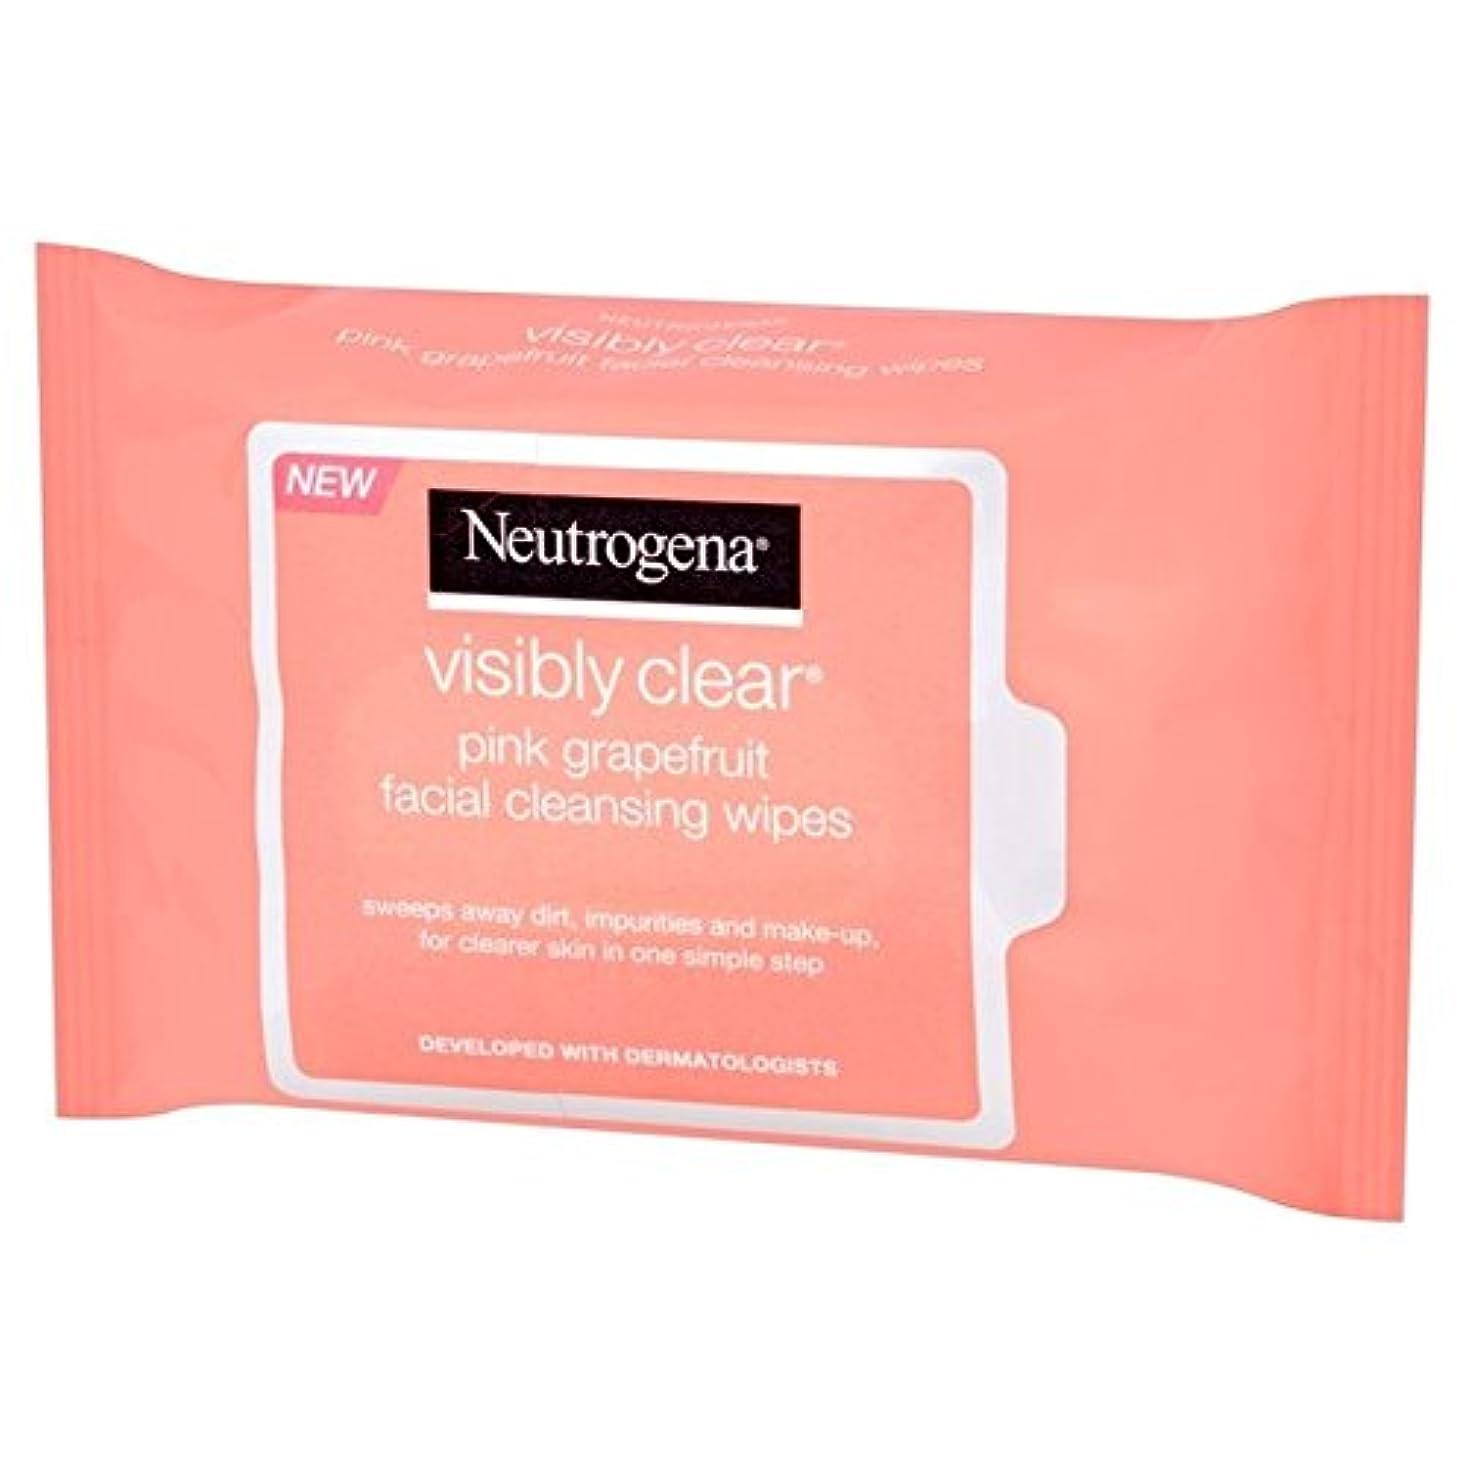 モートロッド台無しにNeutrogena Visibly Clear Pink Grapefruit Wipes 25 per pack (Pack of 6) - ニュートロジーナ目に見えて明らかピンクグレープフルーツは、パックごとに25...